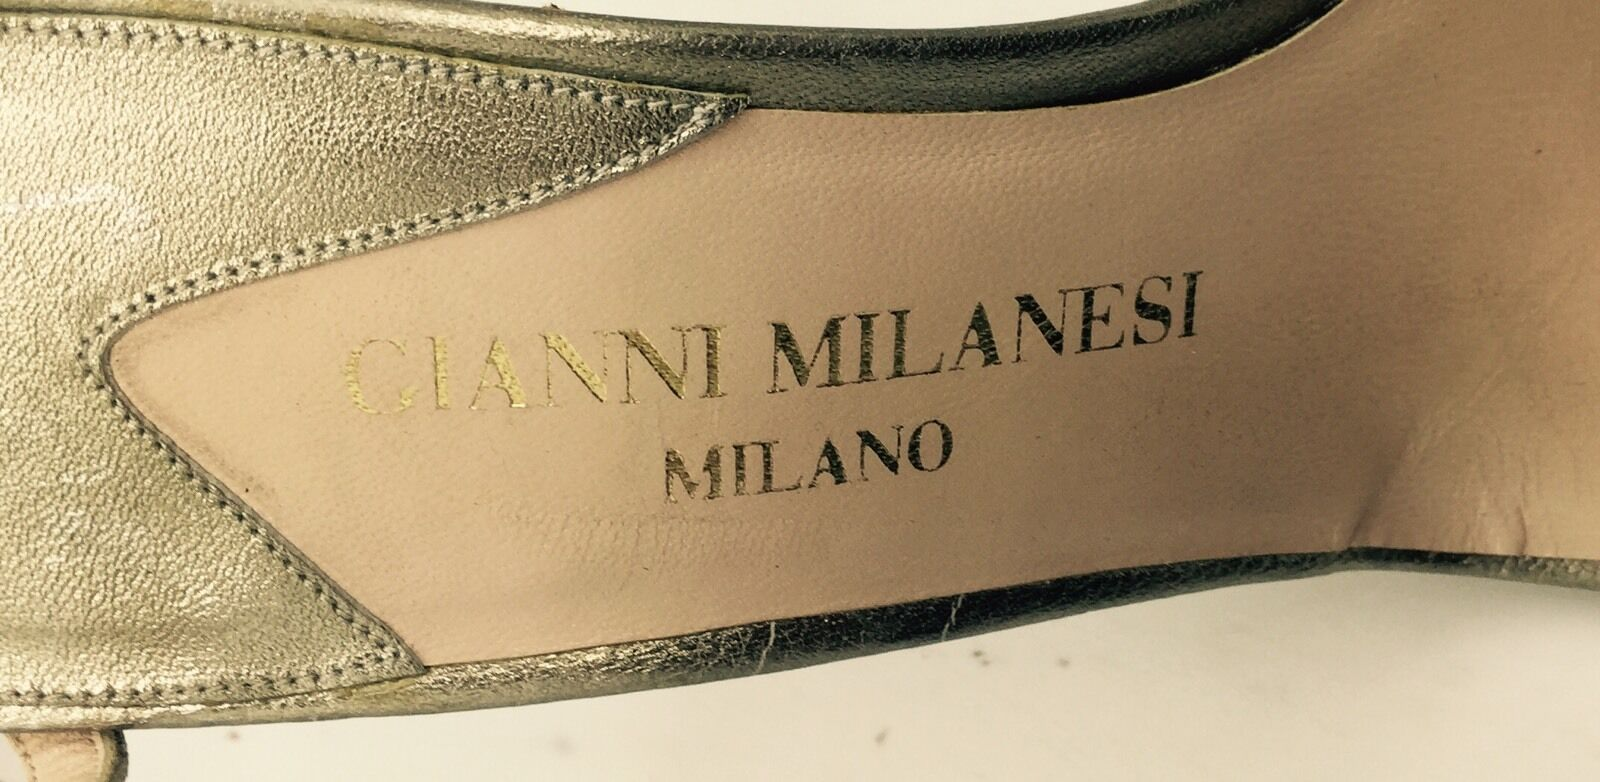 GIANNI MILANESI MILANO Silver Metallic Leather Stiletto Heel Sandals 39 9M